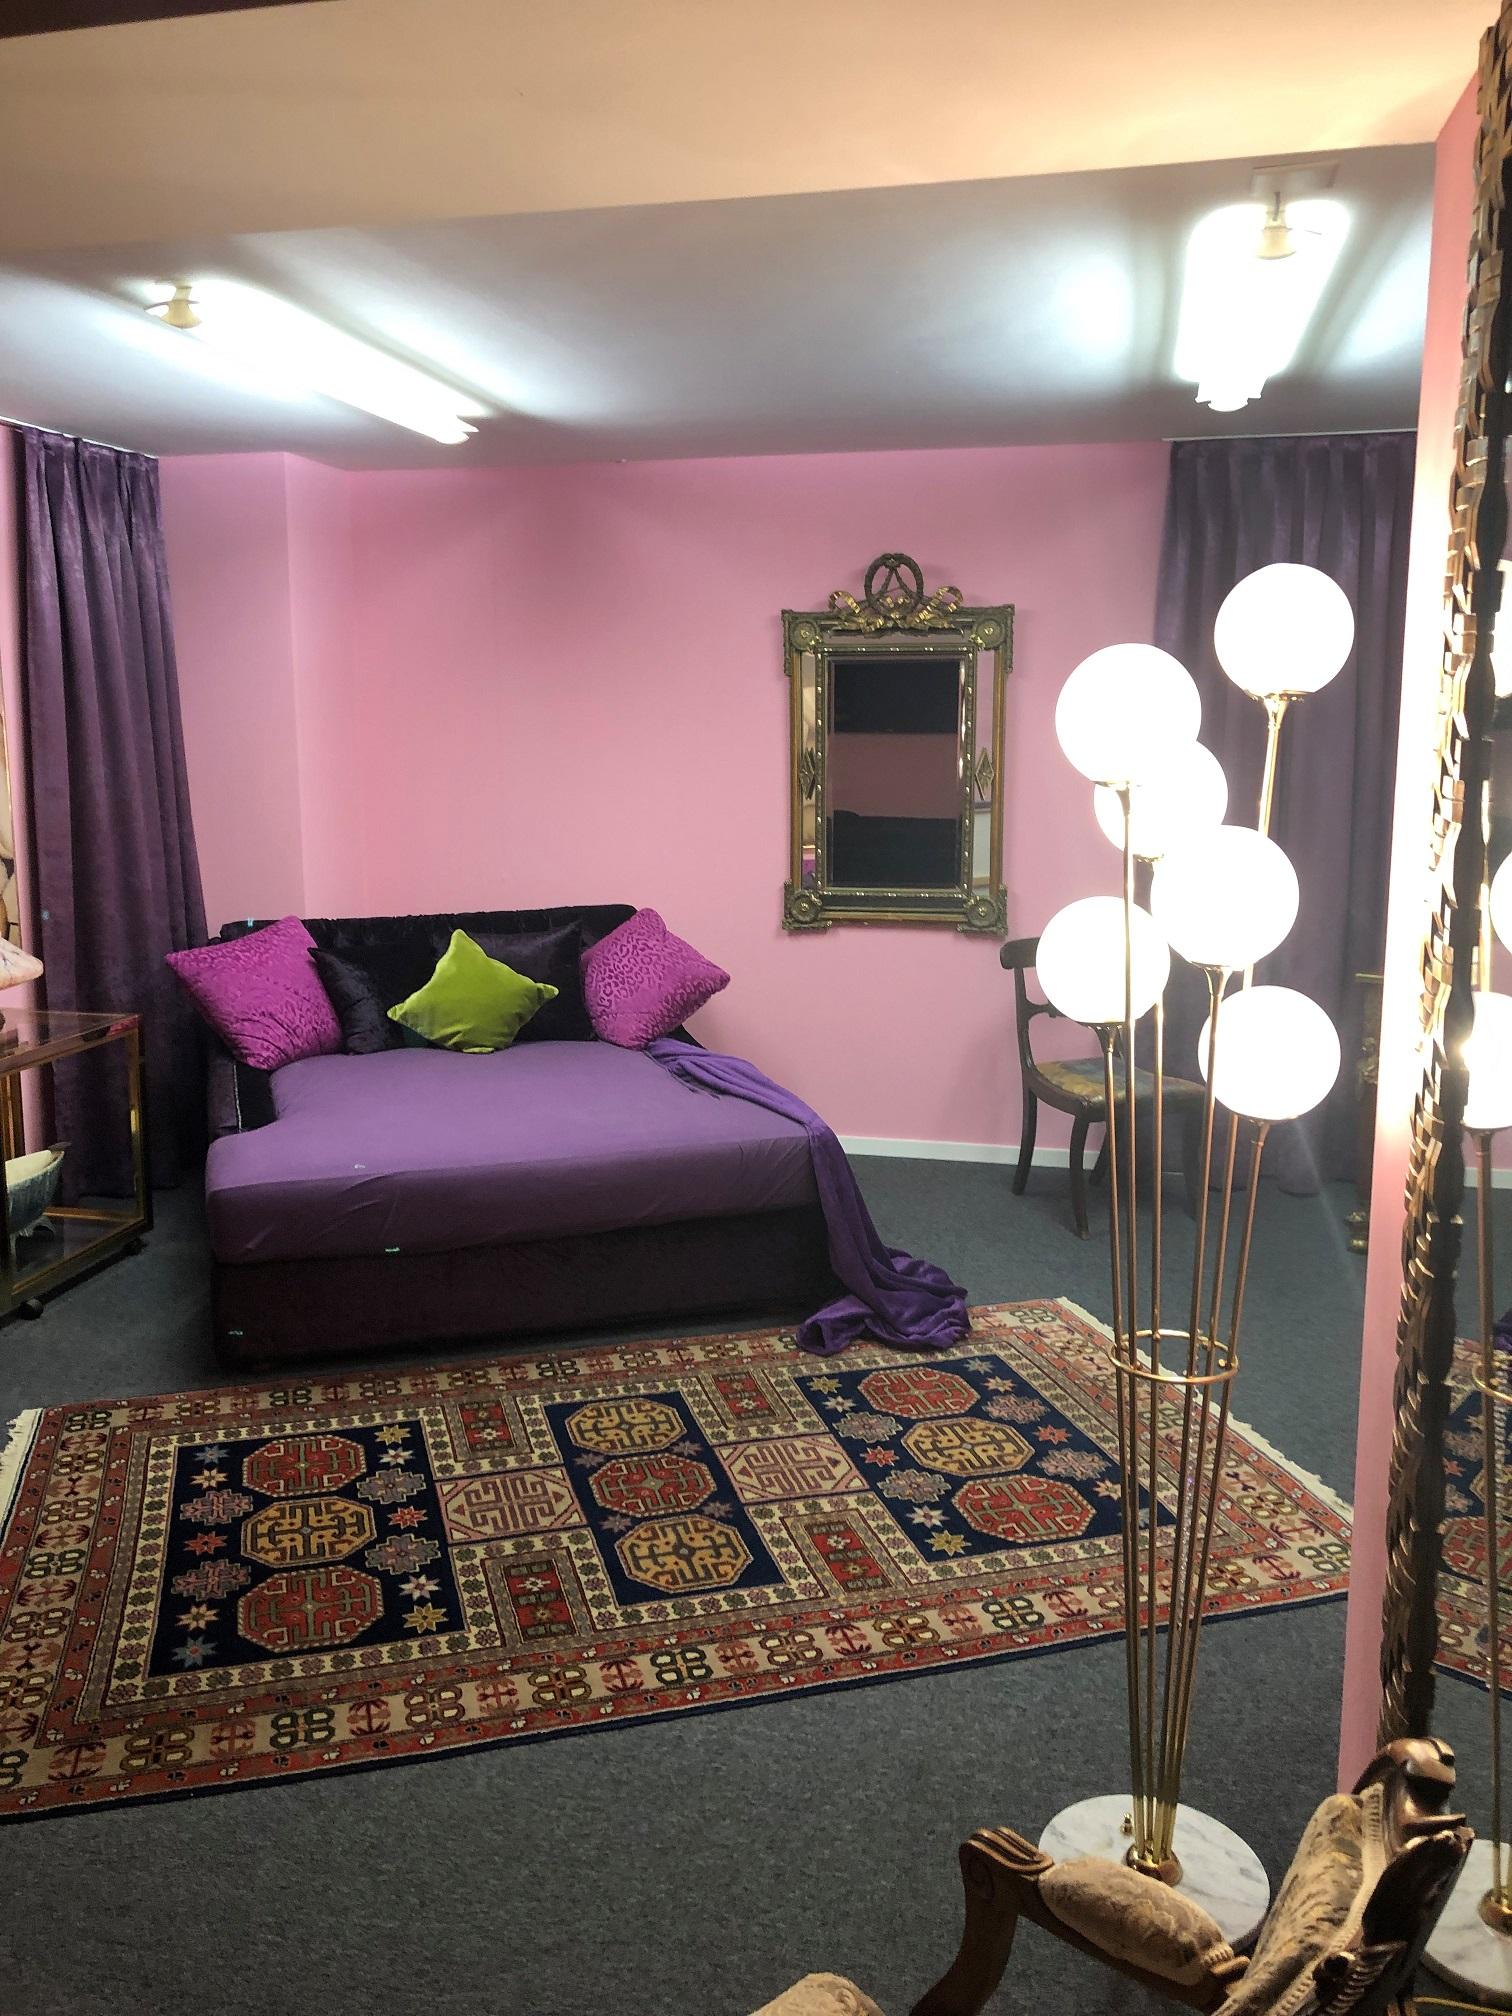 Dietikon - stilvolle Wohnung sehr gepflegt - Diskretes Studi 29551619